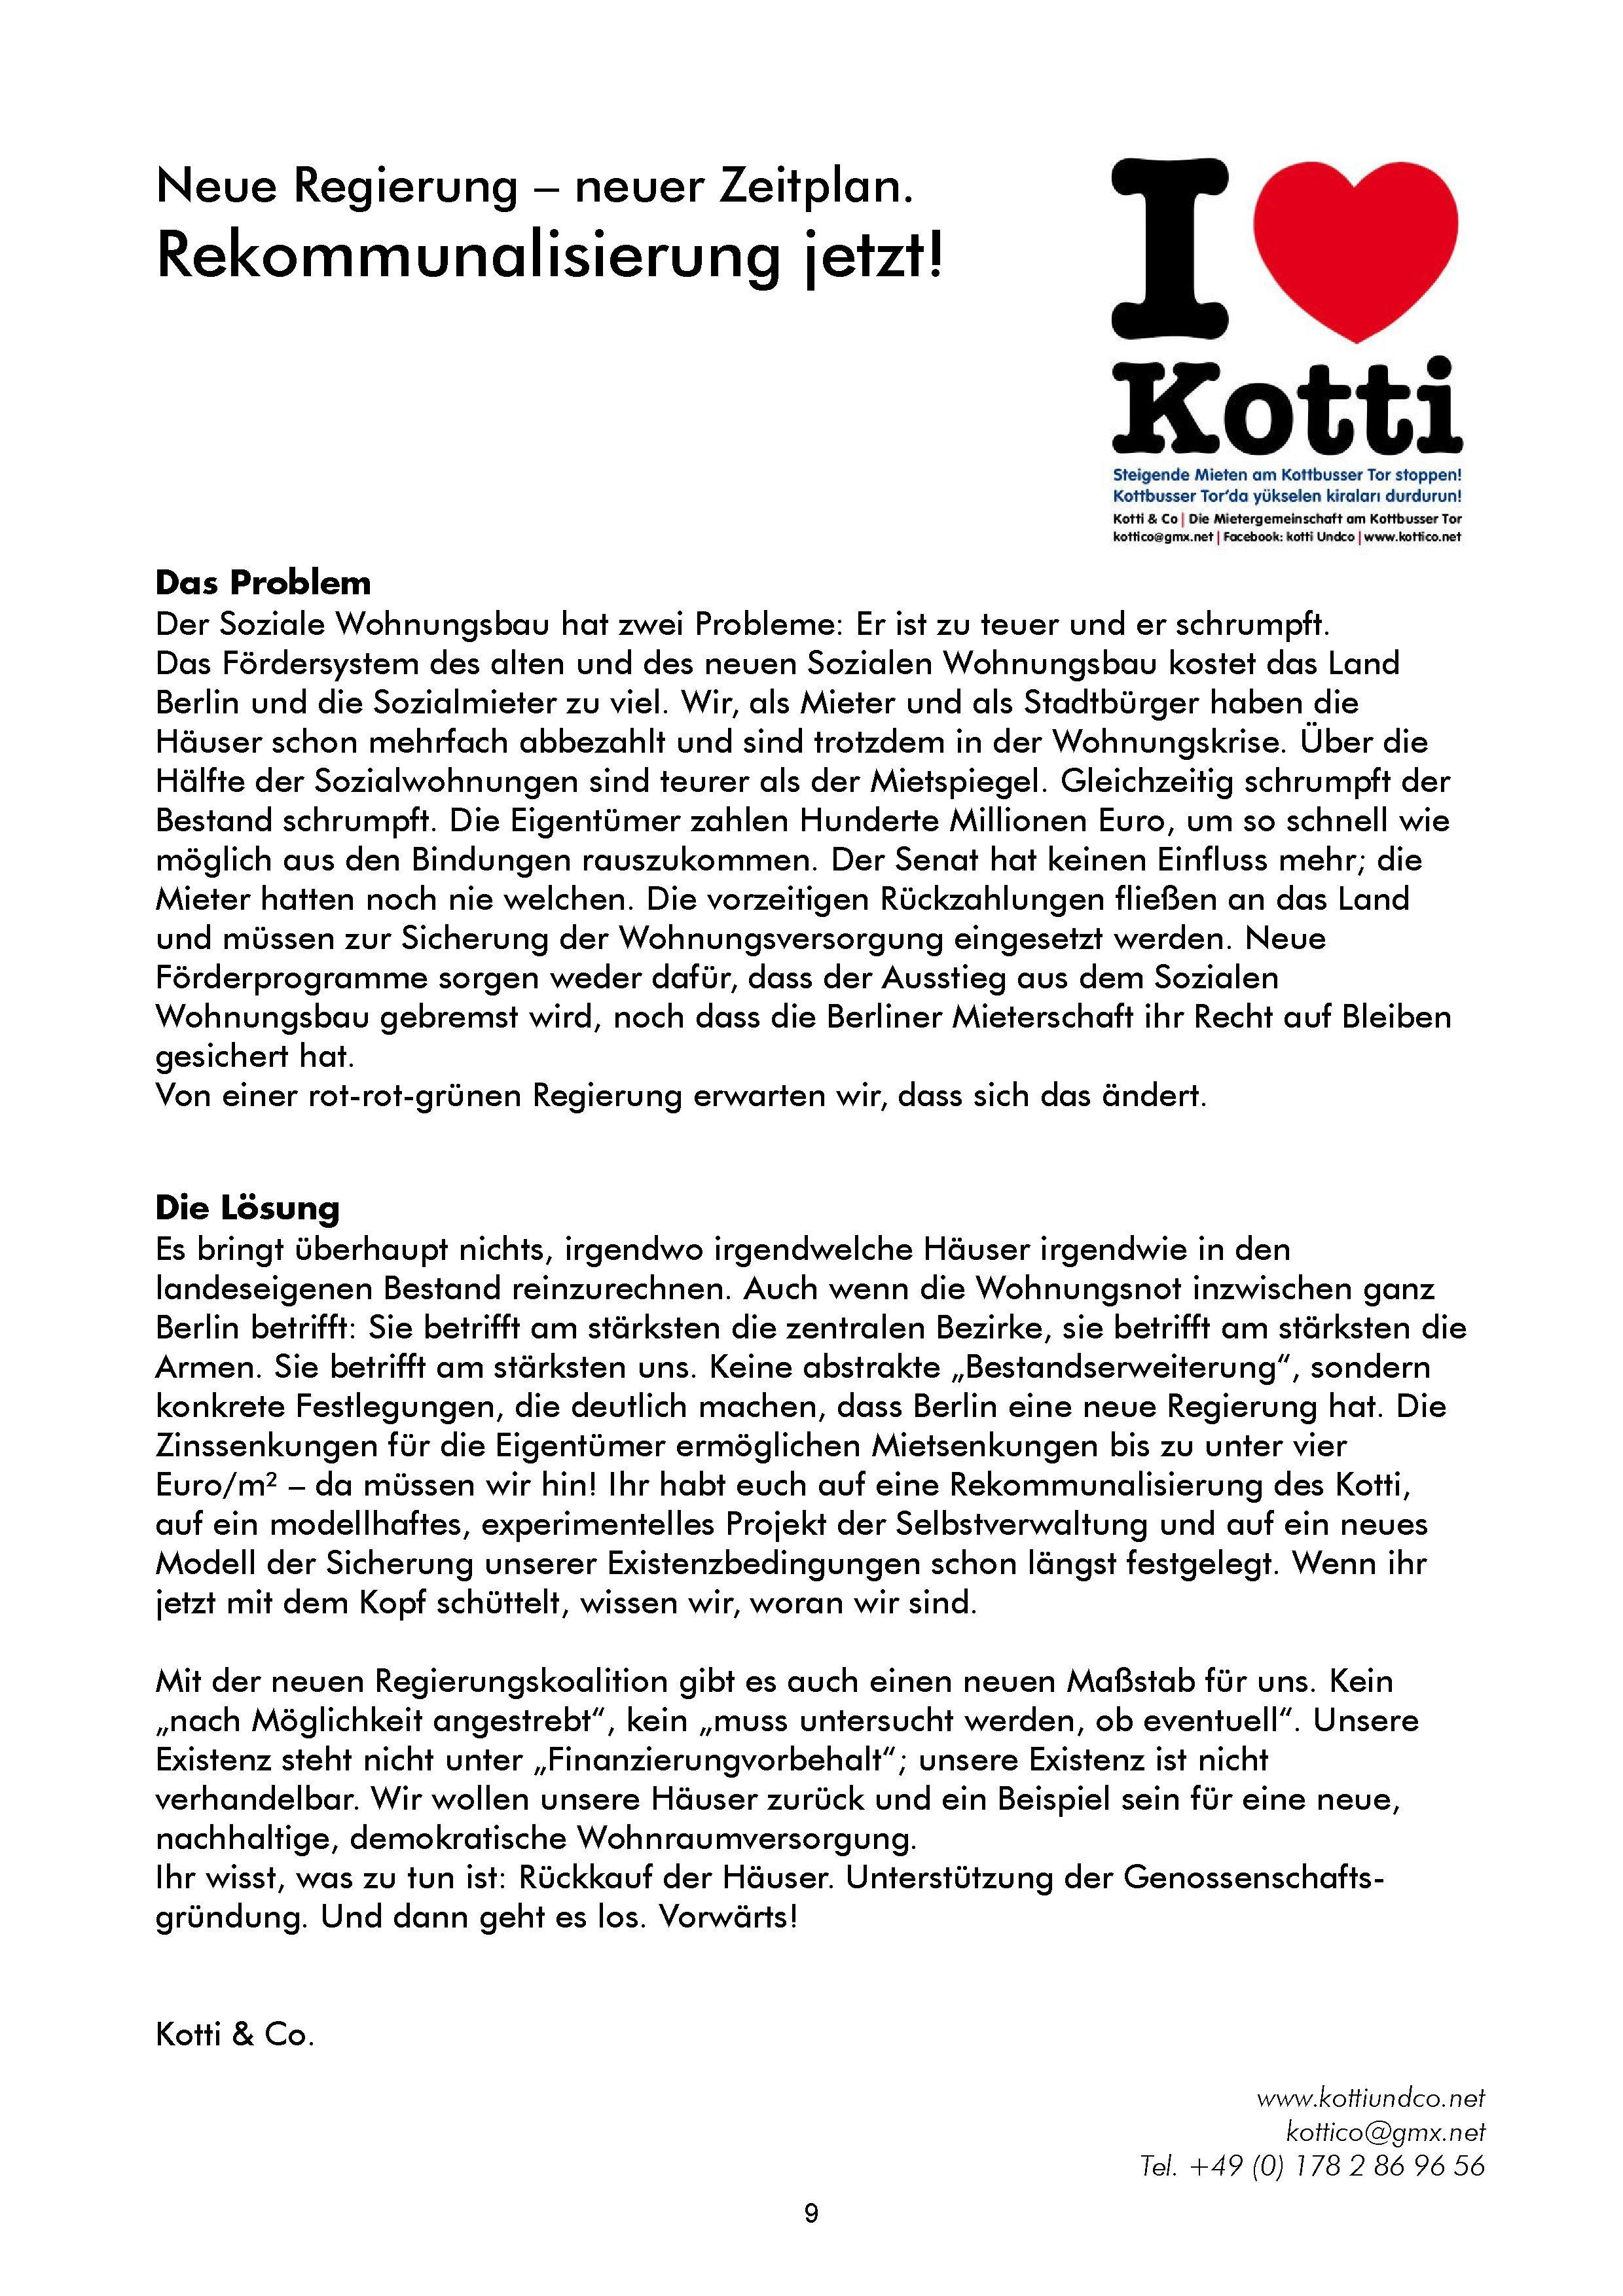 stadtpolitisches_hearing_021116_pressemappe1_seite_10